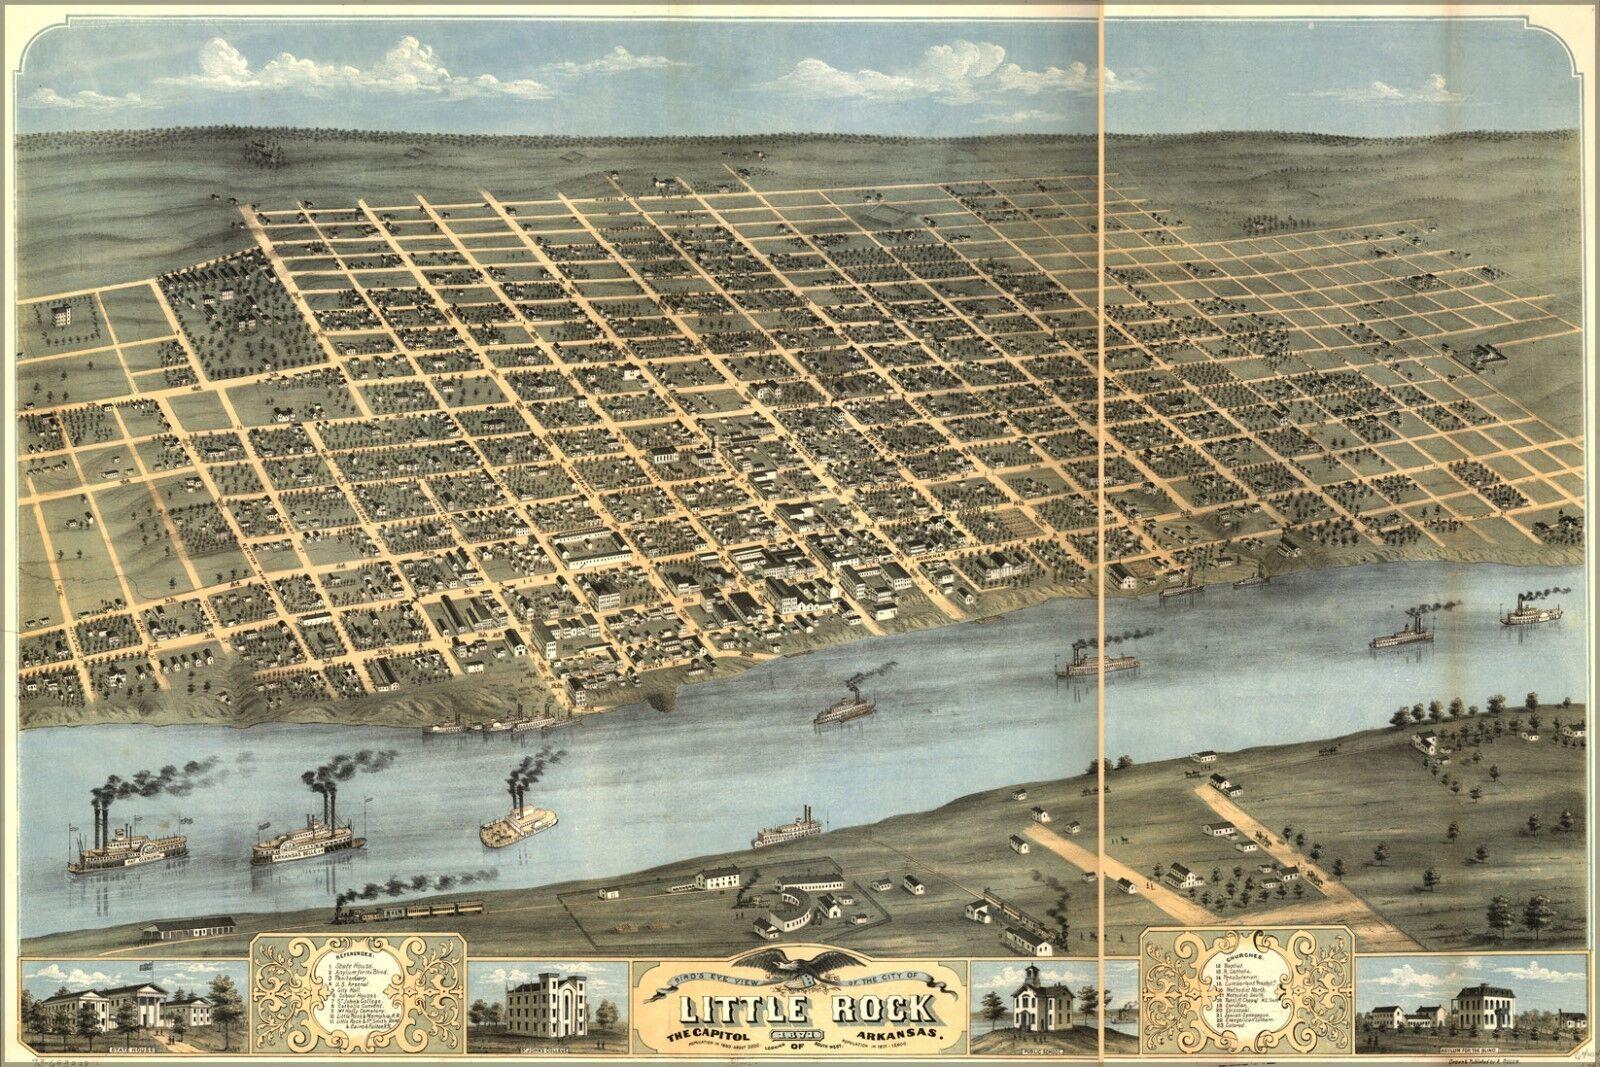 Affiche, Affiche, Affiche, Plusieurs Tailles; Œillée Vue Carte de Little Rock, Arkansas 1871 | Fabrication Habile  | Perpignan  | Emballage Solide  | L'apparence élégante  a88333